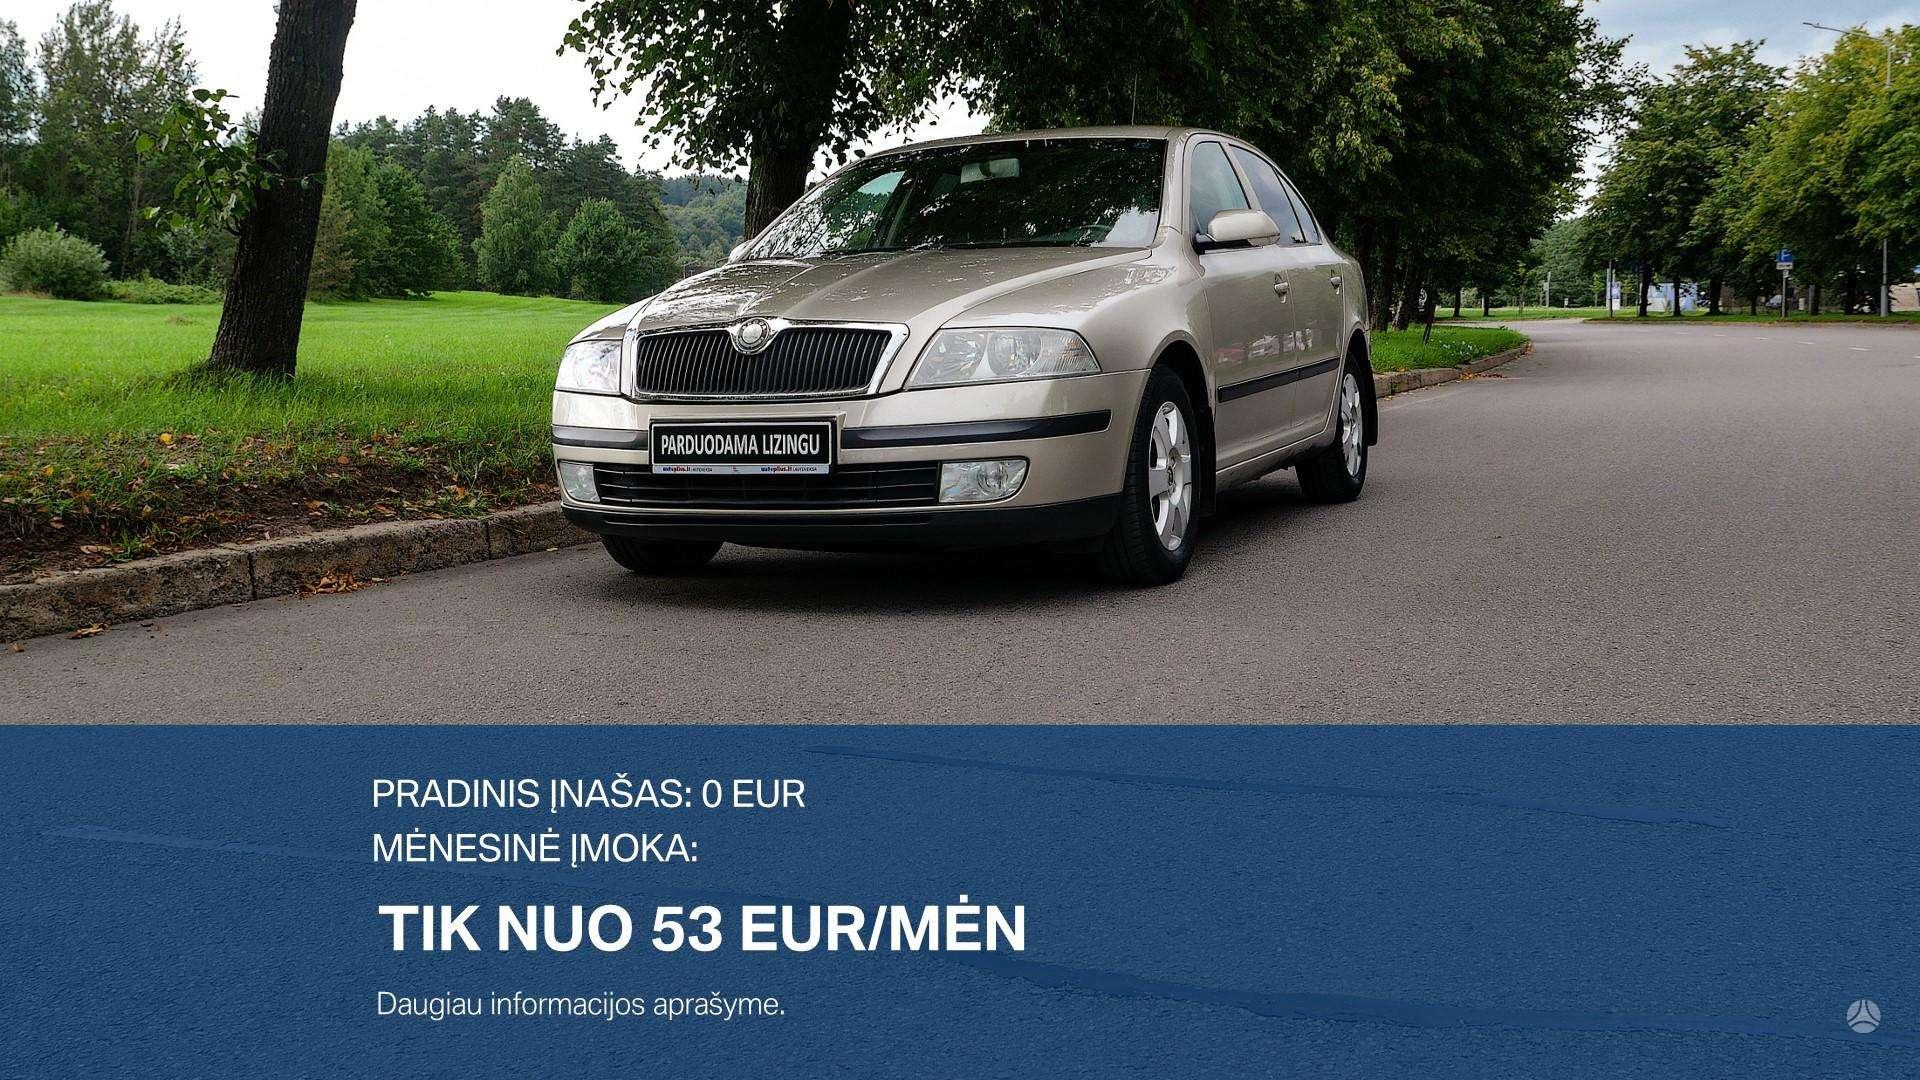 Skoda Octavia Išsimokėtinai nuo 53Eur/Mėn su 3 mėnesių garantija